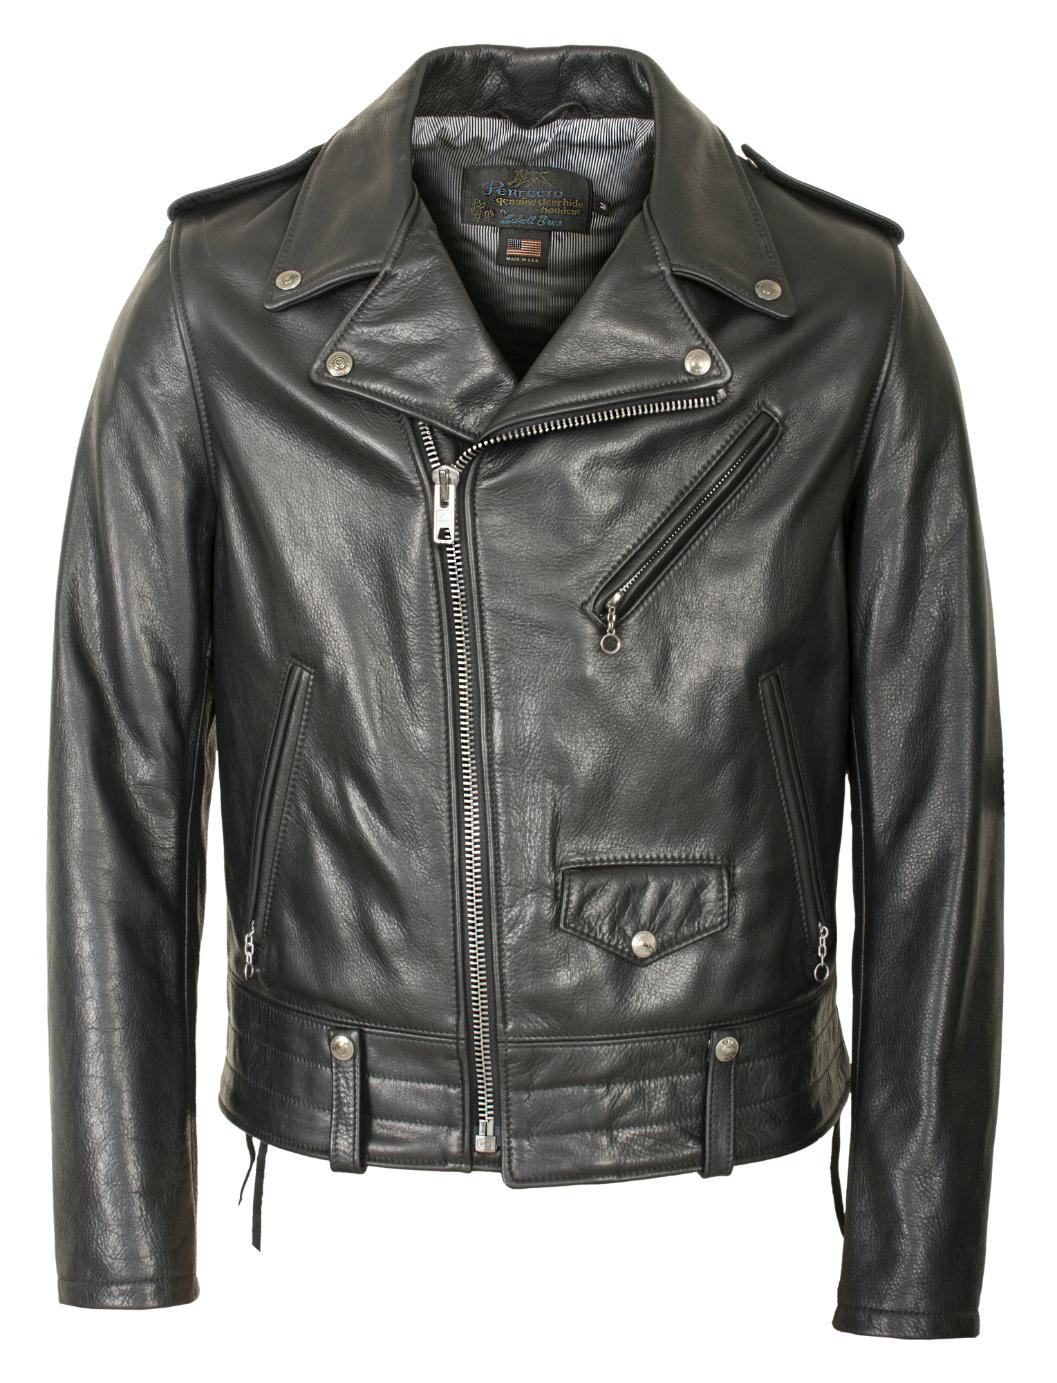 Schott N.Y.C. 525 Natural Pebble Cowhide Motorcycle Leather Jacket